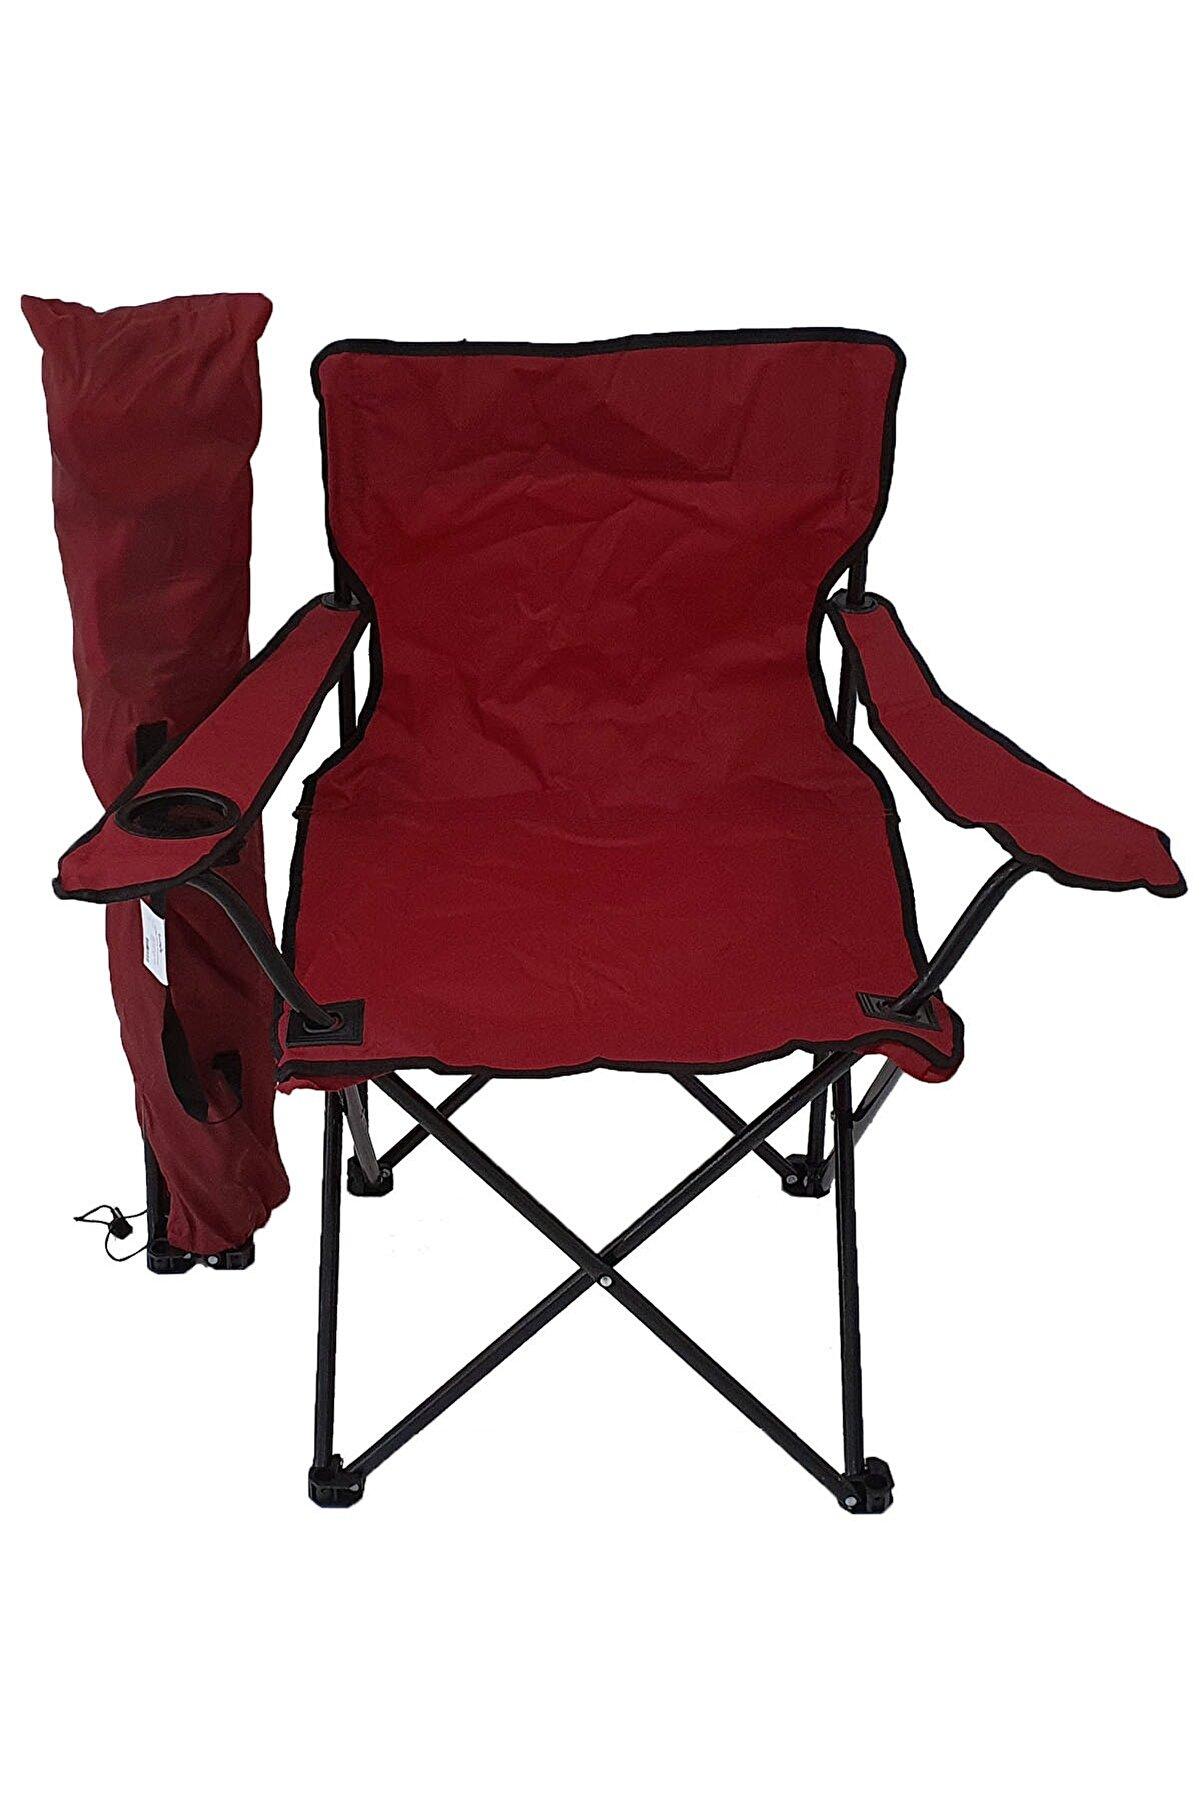 Bofigo Kamp Sandalyesi Piknik Sandalyesi Katlanır Sandalye Taşıma Çantalı Kamp Sandalyesi Kırmızı